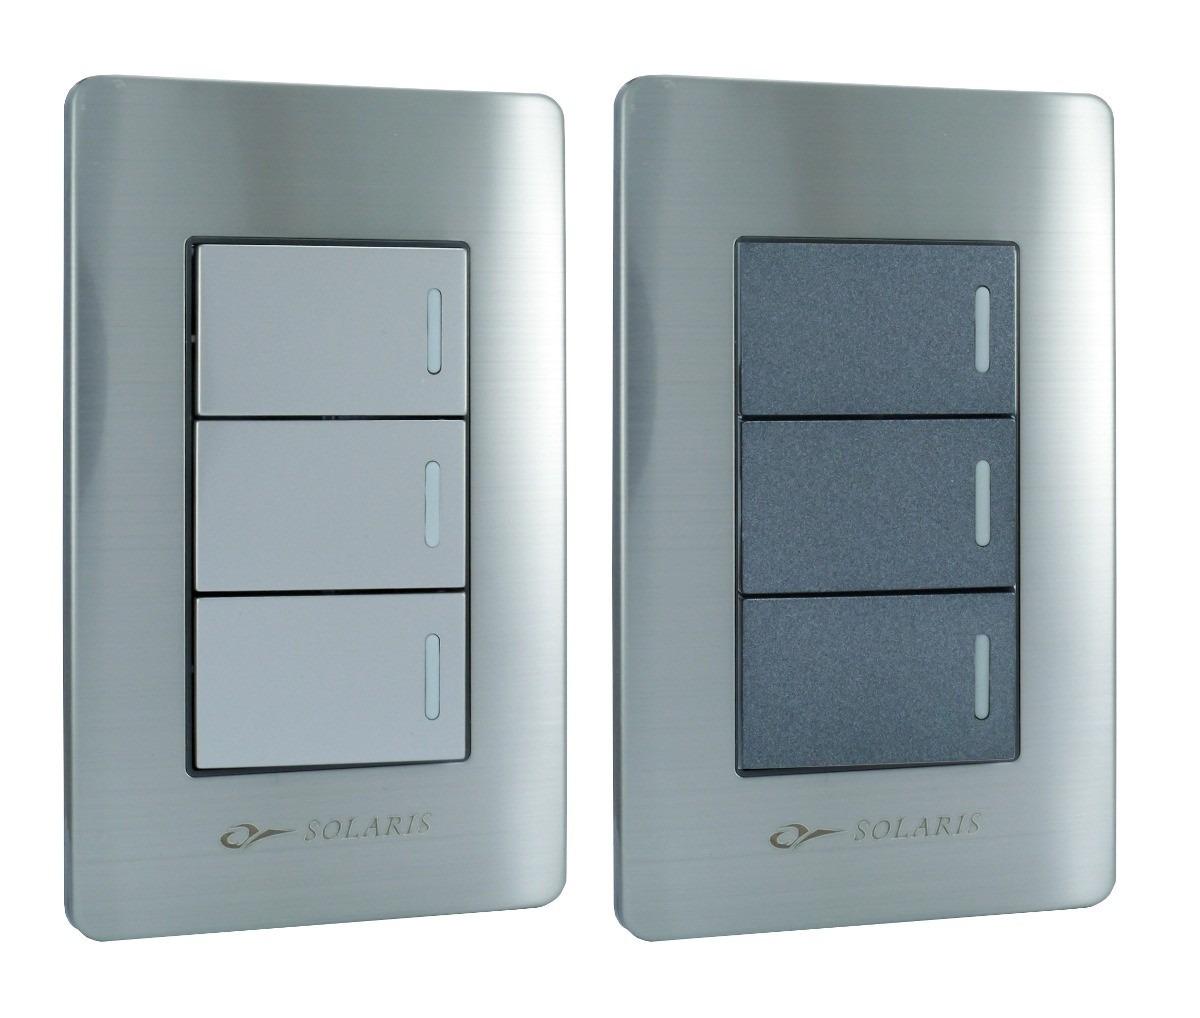 Contactos y apagadores placas armadas en acero inoxidable - Placa acero inoxidable ...